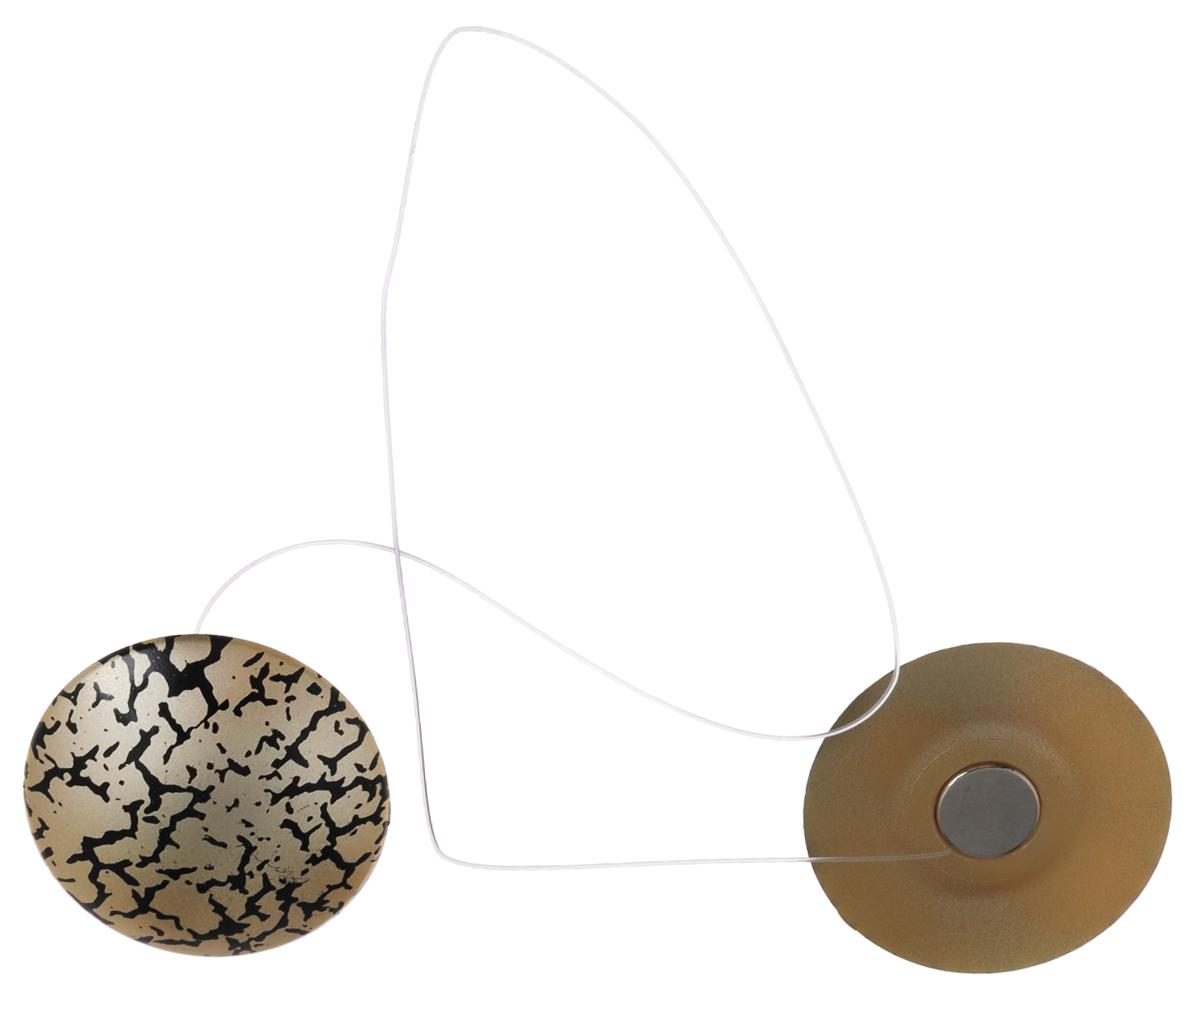 Клипсы магнитные для штор SmolTtx Трещины, с леской, цвет: бежевый, черный, , длина 33,5 см, 2 шт544091_6ЕМагнитные клипсы SmolTtx Трещины предназначены для придания формы шторам. Изделие представляет собой соединенные леской два элемента, на внутренней поверхности которых расположены магниты. С помощью такой клипсы можно зафиксировать портьеры, придать им требуемое положение, сделать складки симметричными или приблизить портьеры, скрепить их. Следует отметить, что такие аксессуары для штор выполняют не только практическую функцию, но также являются одной из основных деталей декора, которая придает шторам восхитительный, стильный внешний вид. Длина клипсы (с учетом лески): 33,5 см. Диаметр клипсы: 3,5 см.